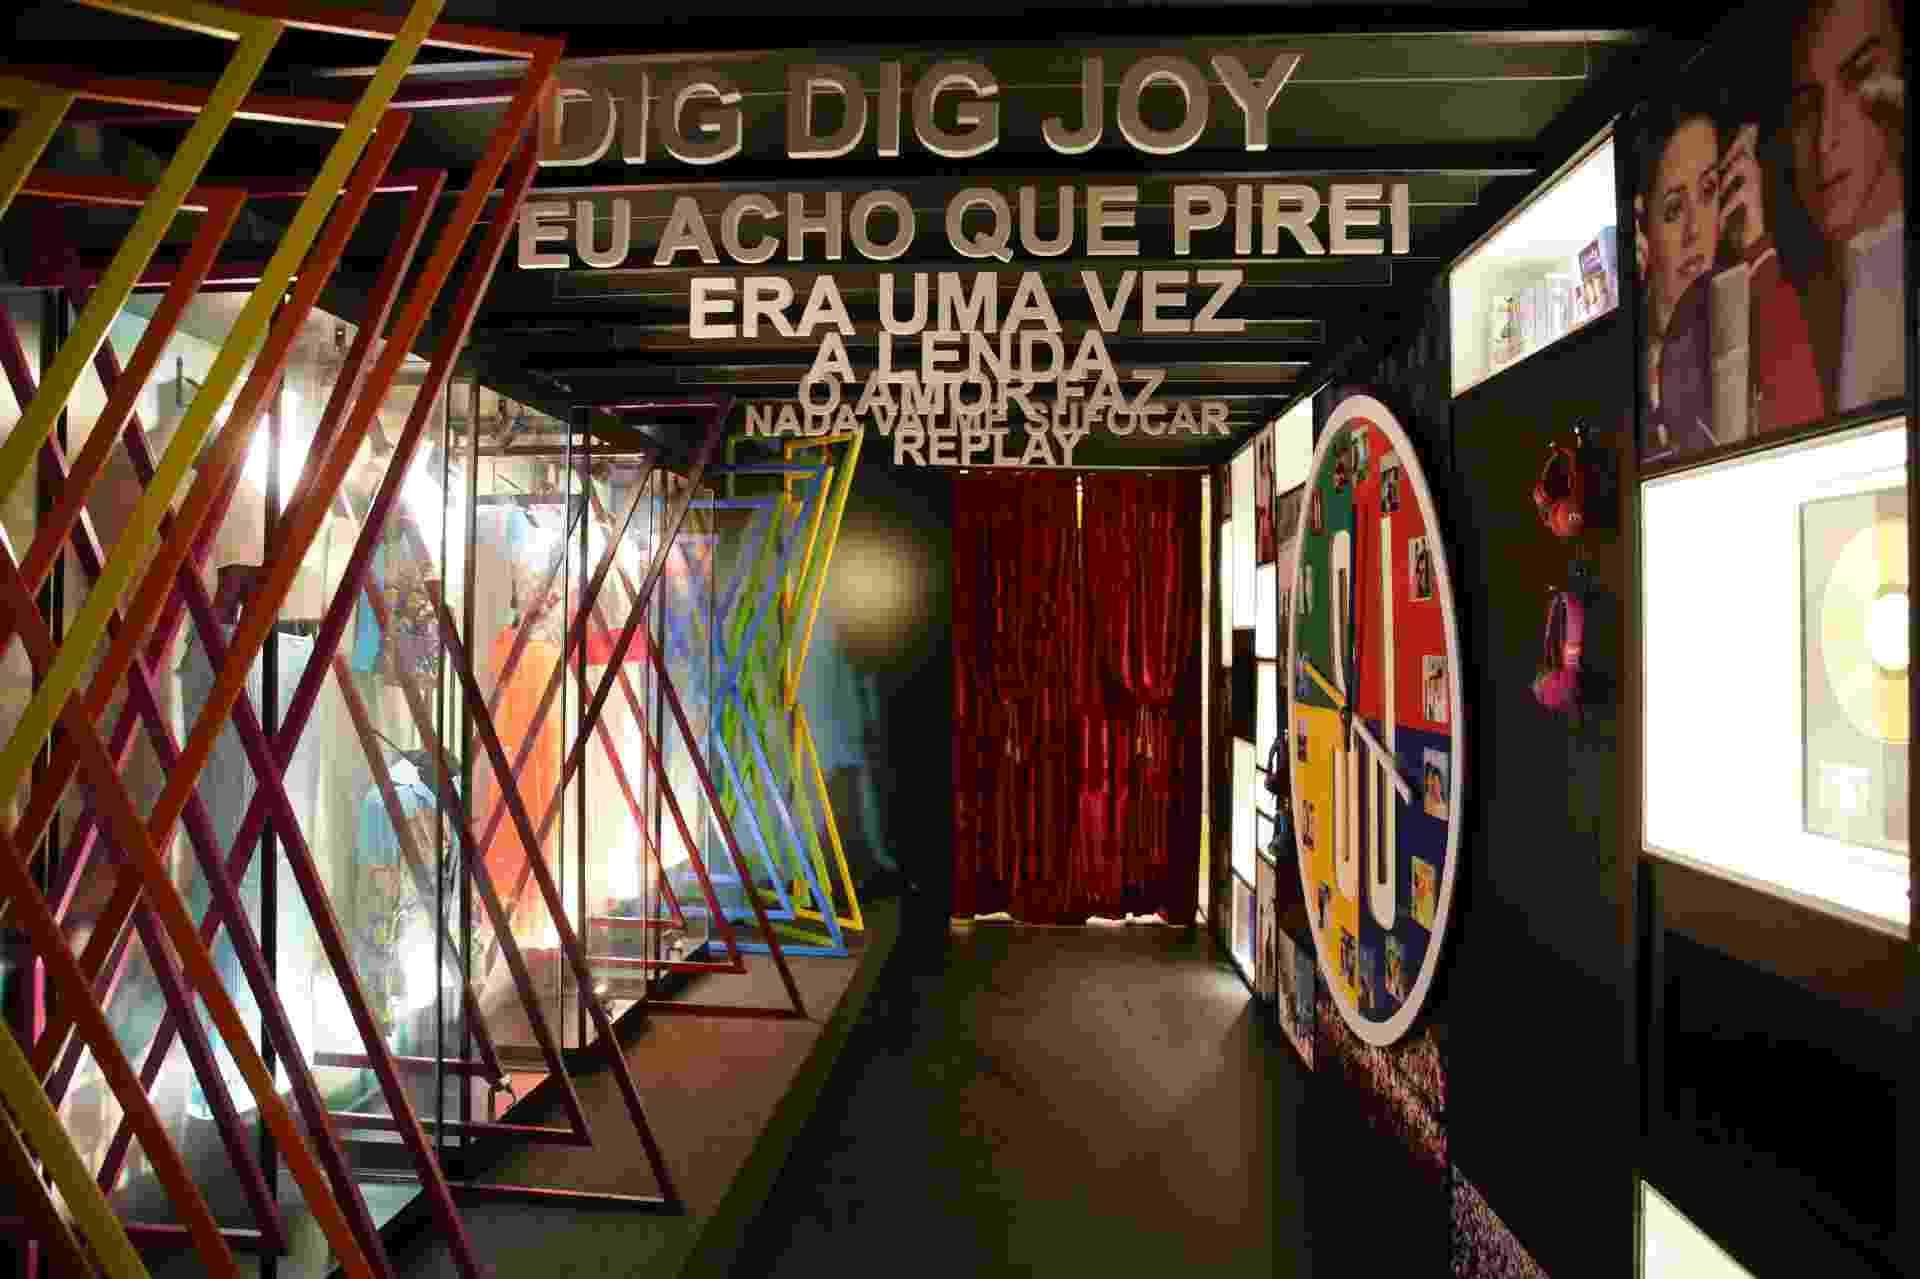 Exposição de Sandy e Junior fica no Shopping RioMar, no Recife, até 16 de julho - Paloma Amorim/Divulgação